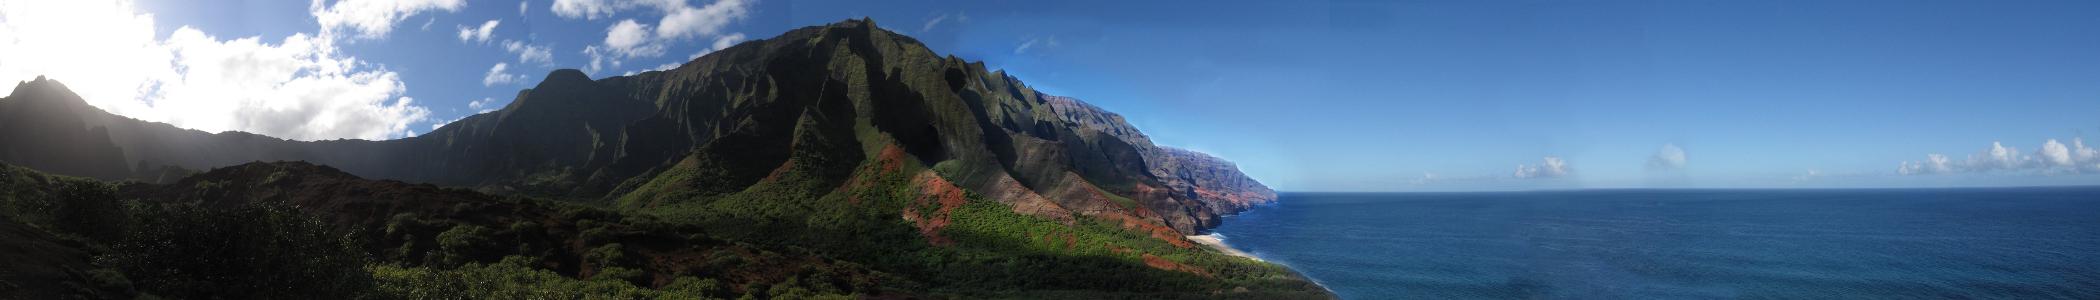 Hawaii Travel guide at Wikivoyage